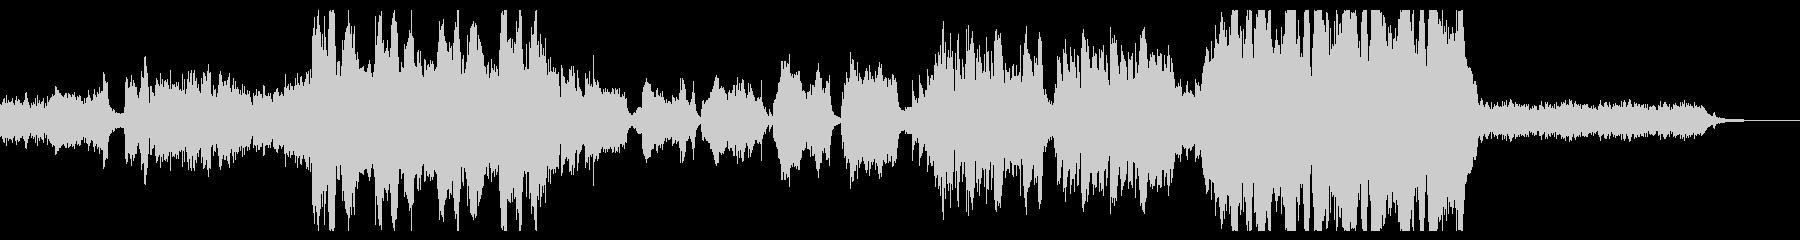 三部構成・オーケストラの感動的なバラードの未再生の波形